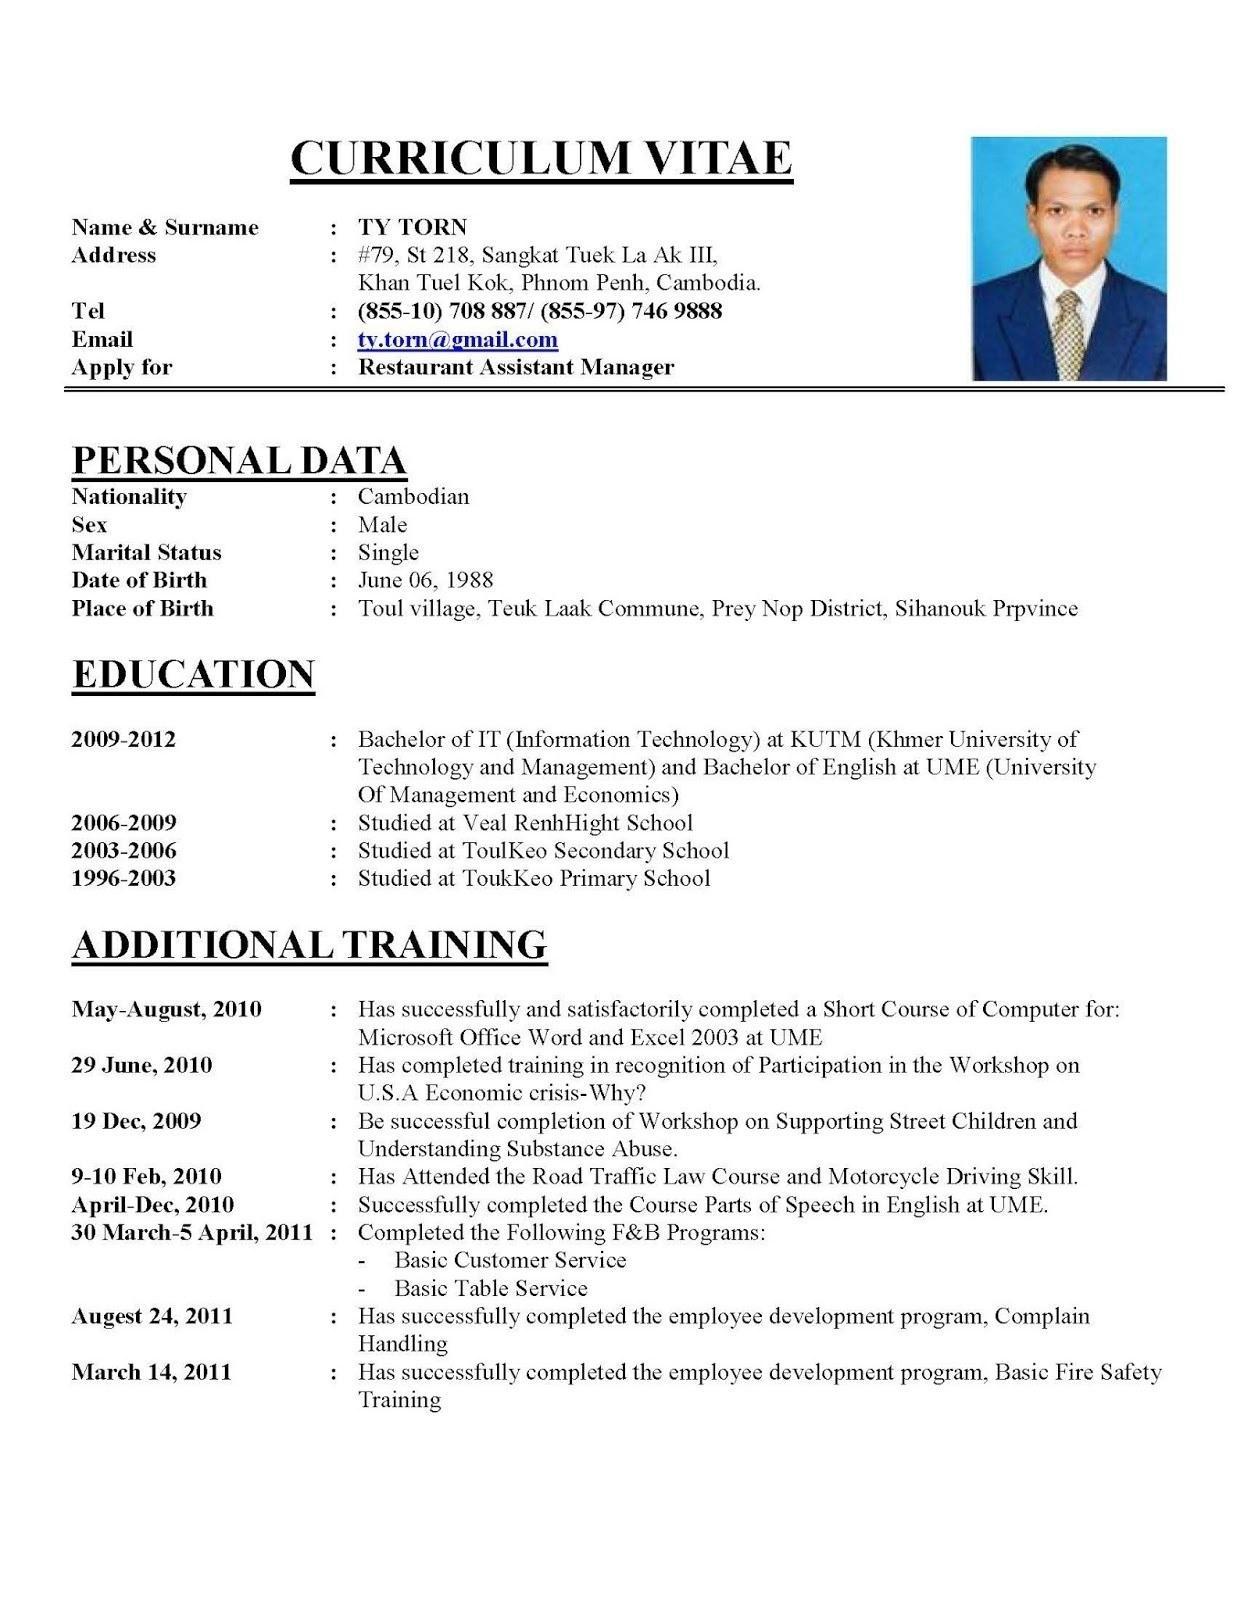 Curriculum Vitae Templates Uk